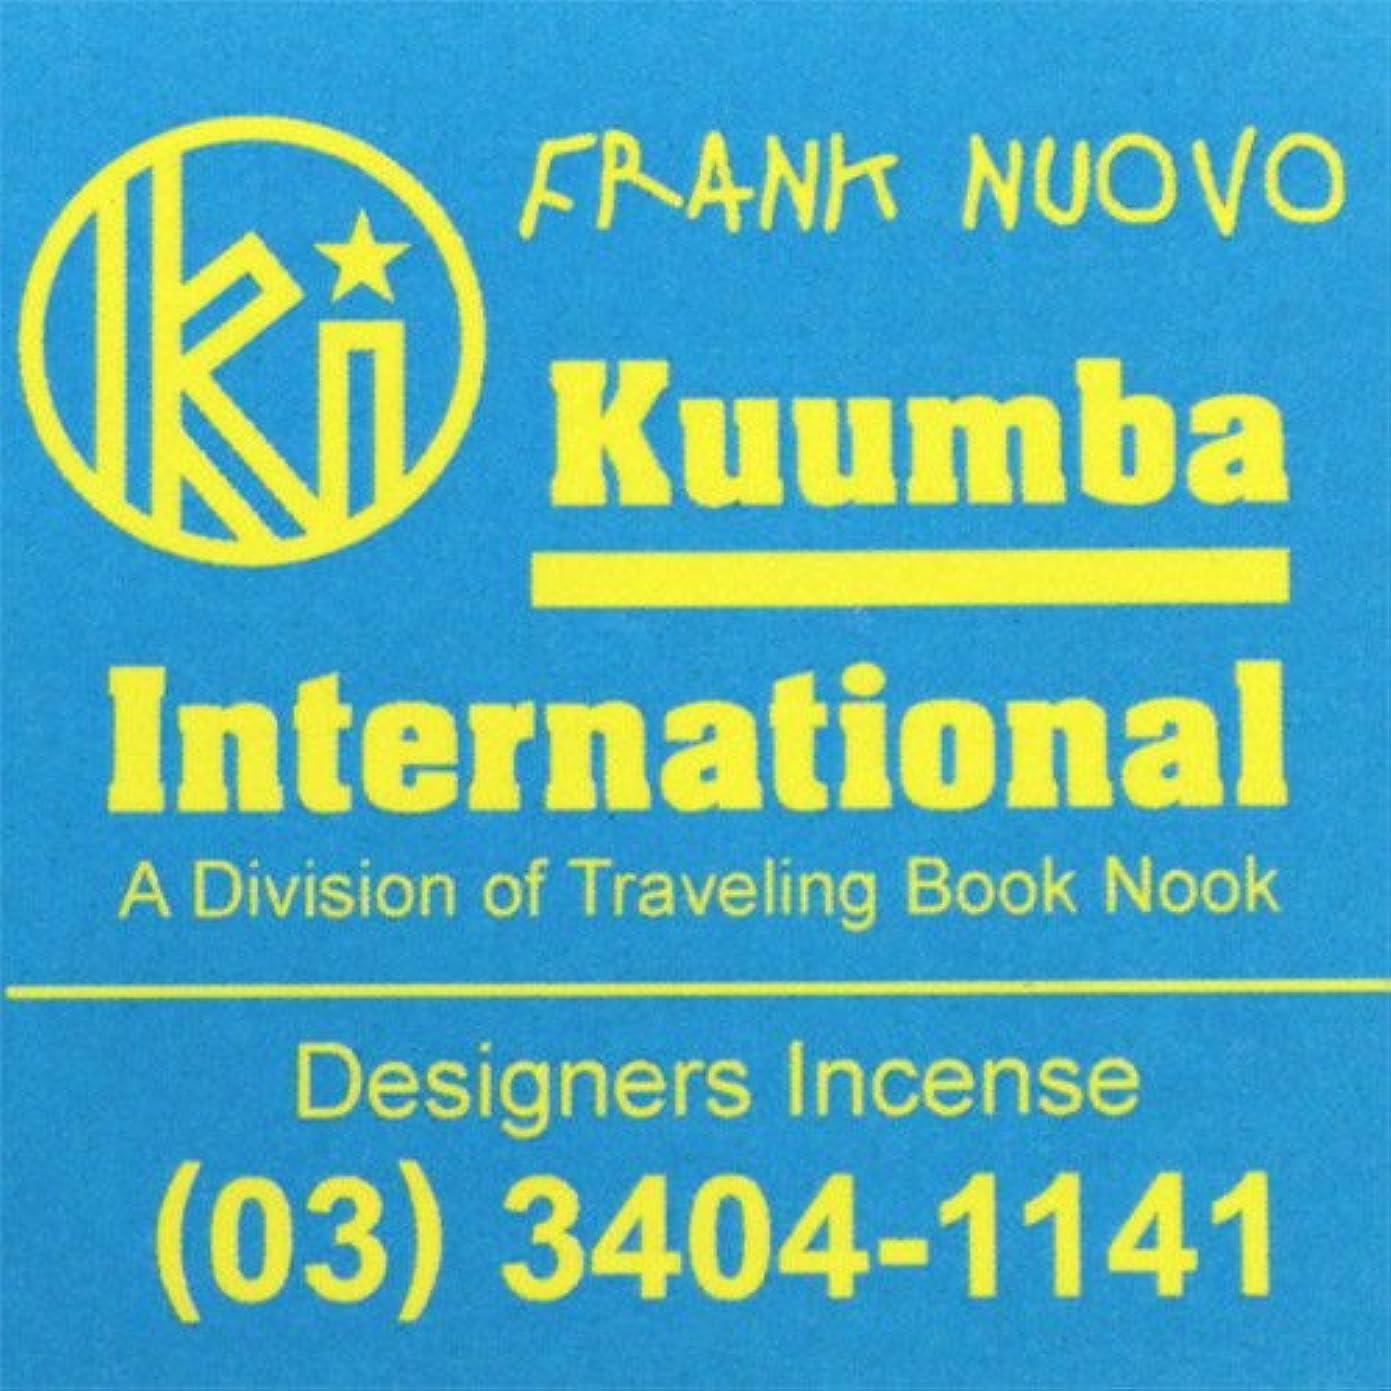 びっくり刺繍びっくりKUUMBA / クンバ『incense』(FRANK NUOVO) (Regular size)